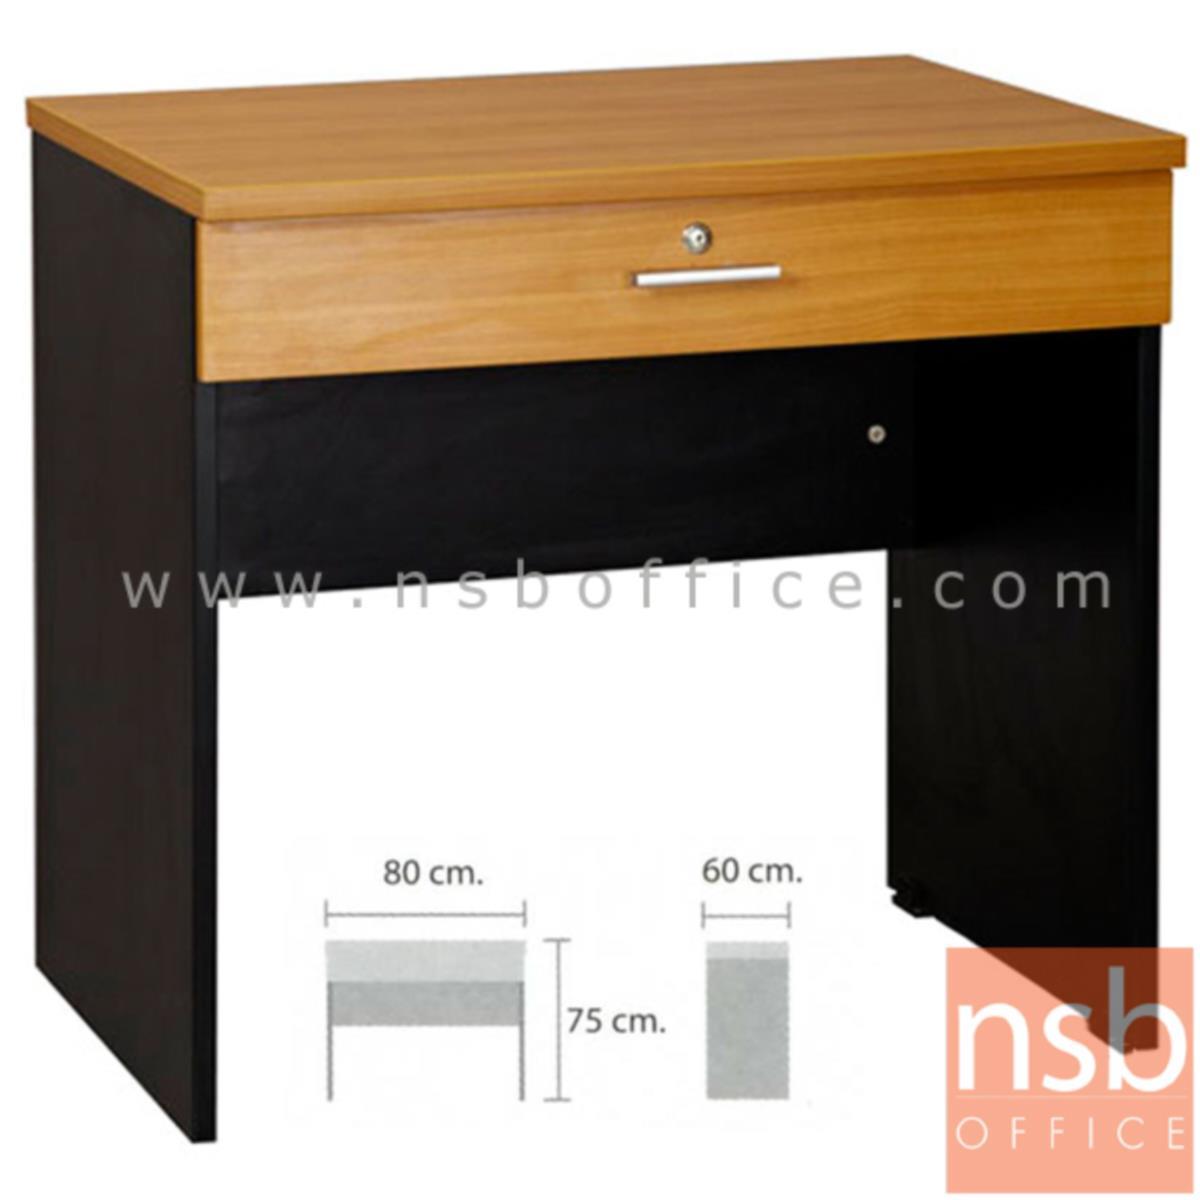 A12A046:โต๊ะทำงาน 1 ลิ้นชัก รุ่น Margot (มาก็อต) ขนาด 80W ,100W cm.  เมลามีน